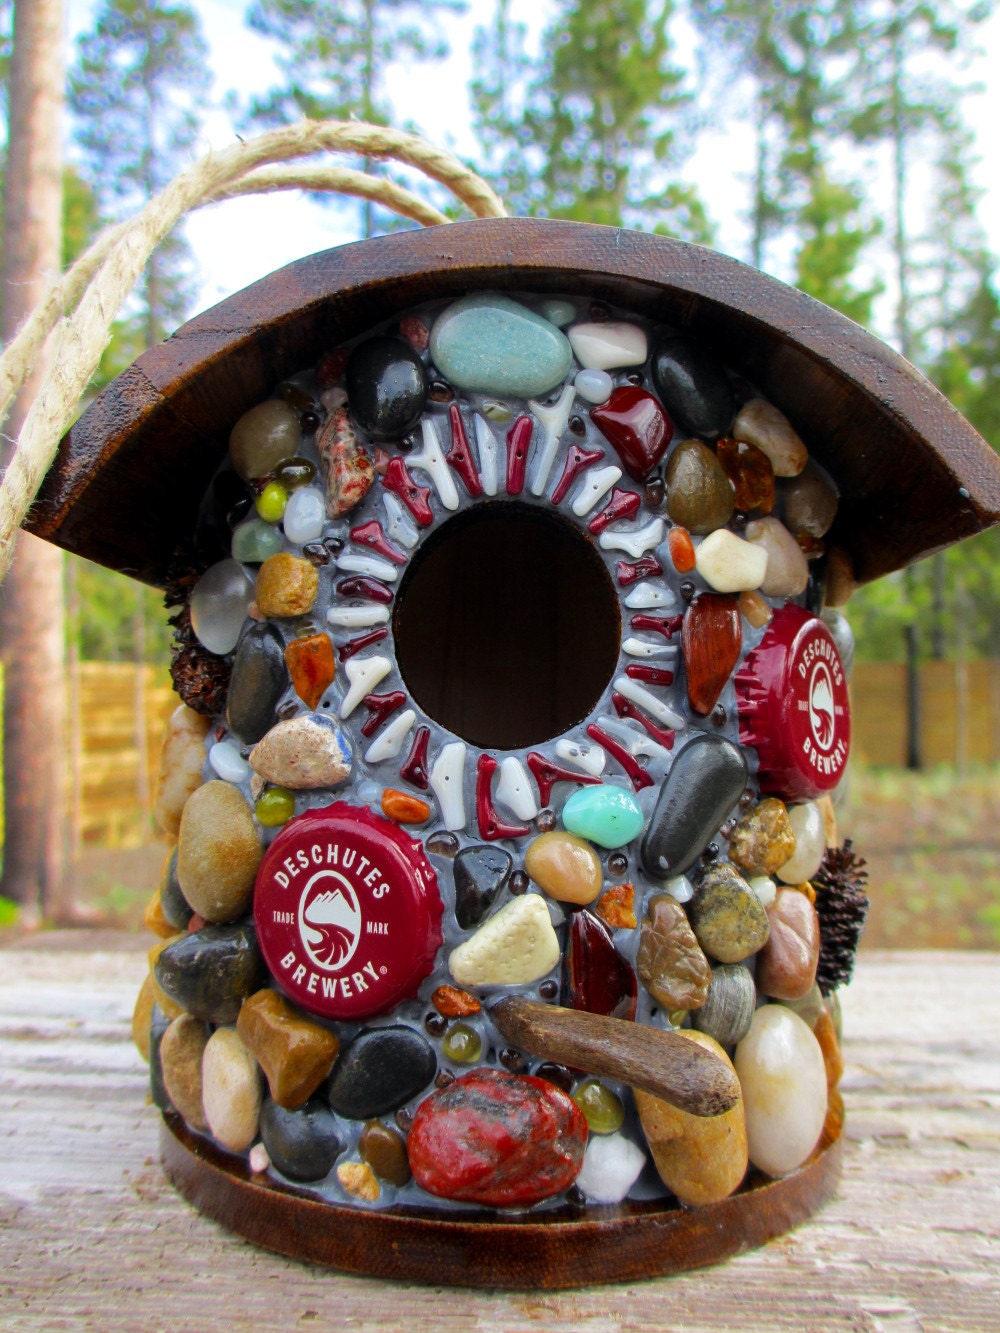 Beer Cap Birdhouse featuring Deschutes Brewery